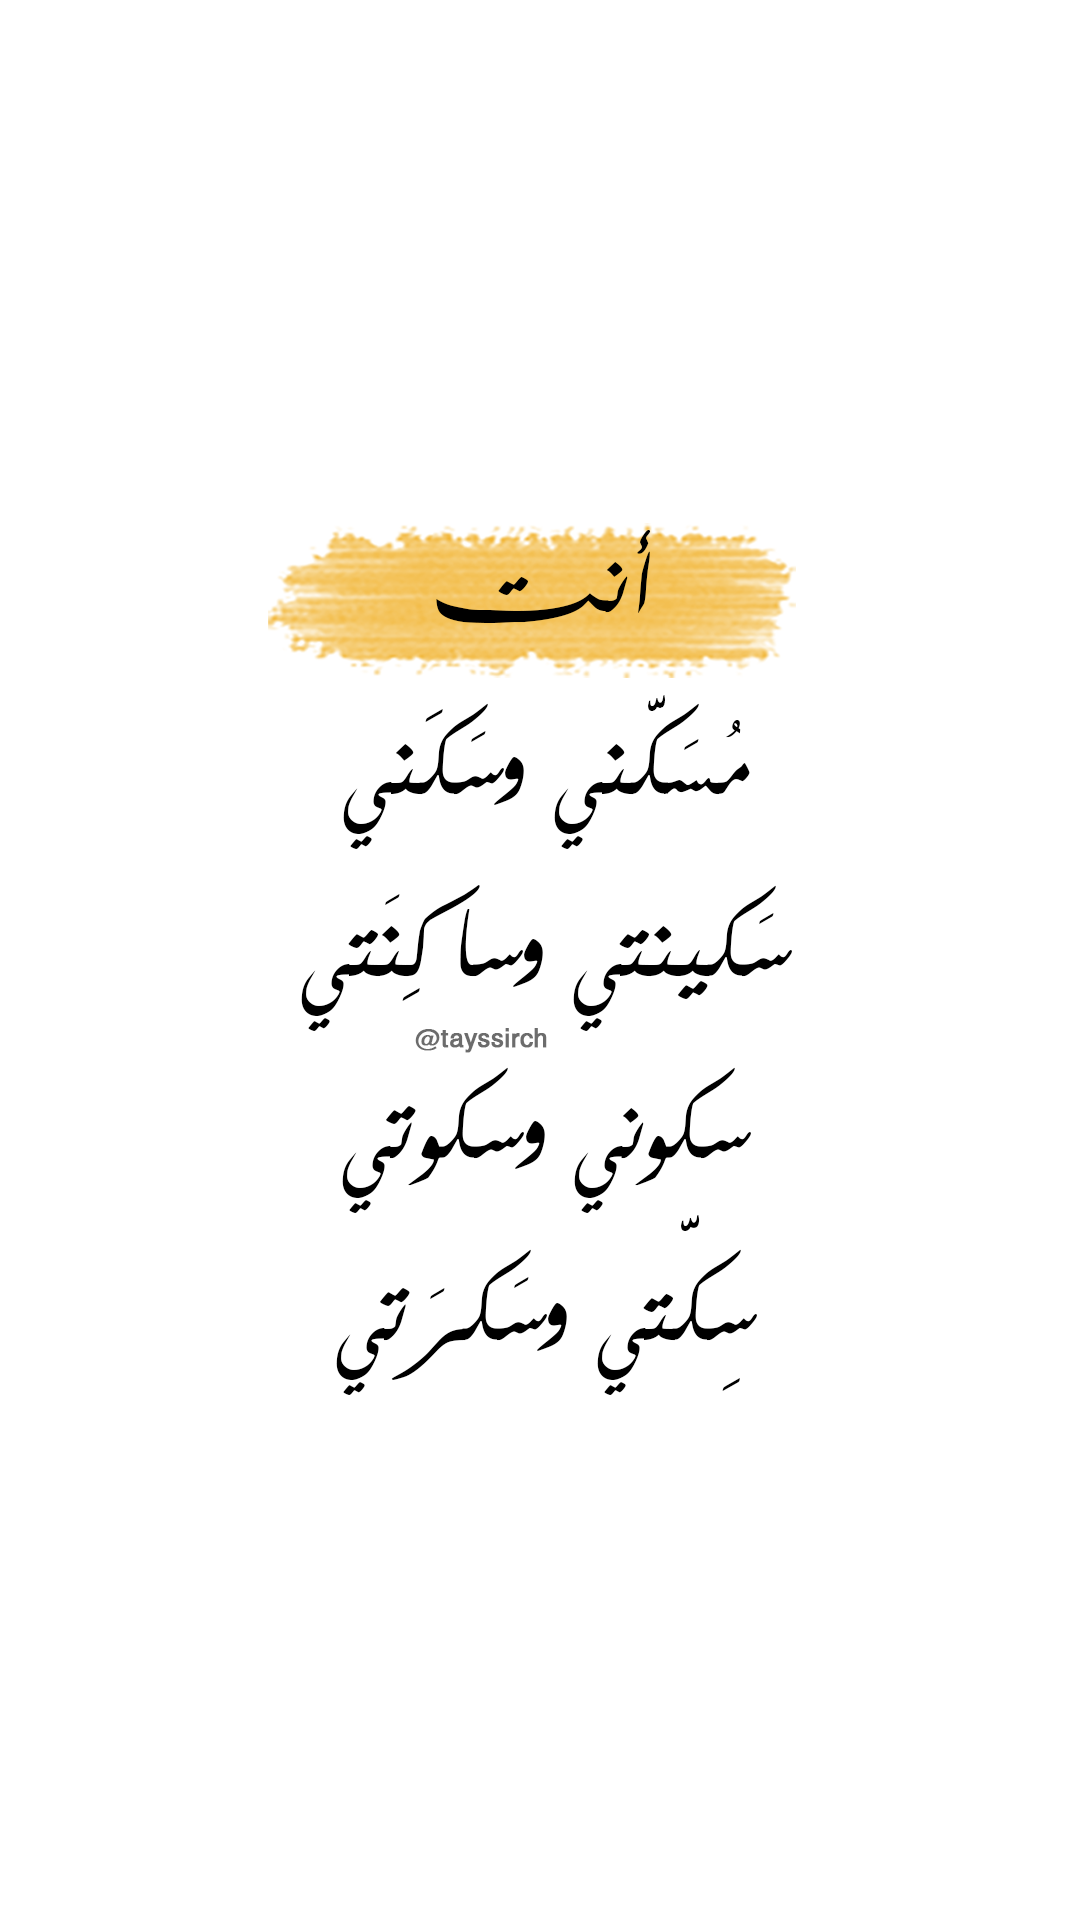 أنت مسكني و سكني وسكينتي Love Quotes For Wife Wisdom Quotes Life Arabic Love Quotes